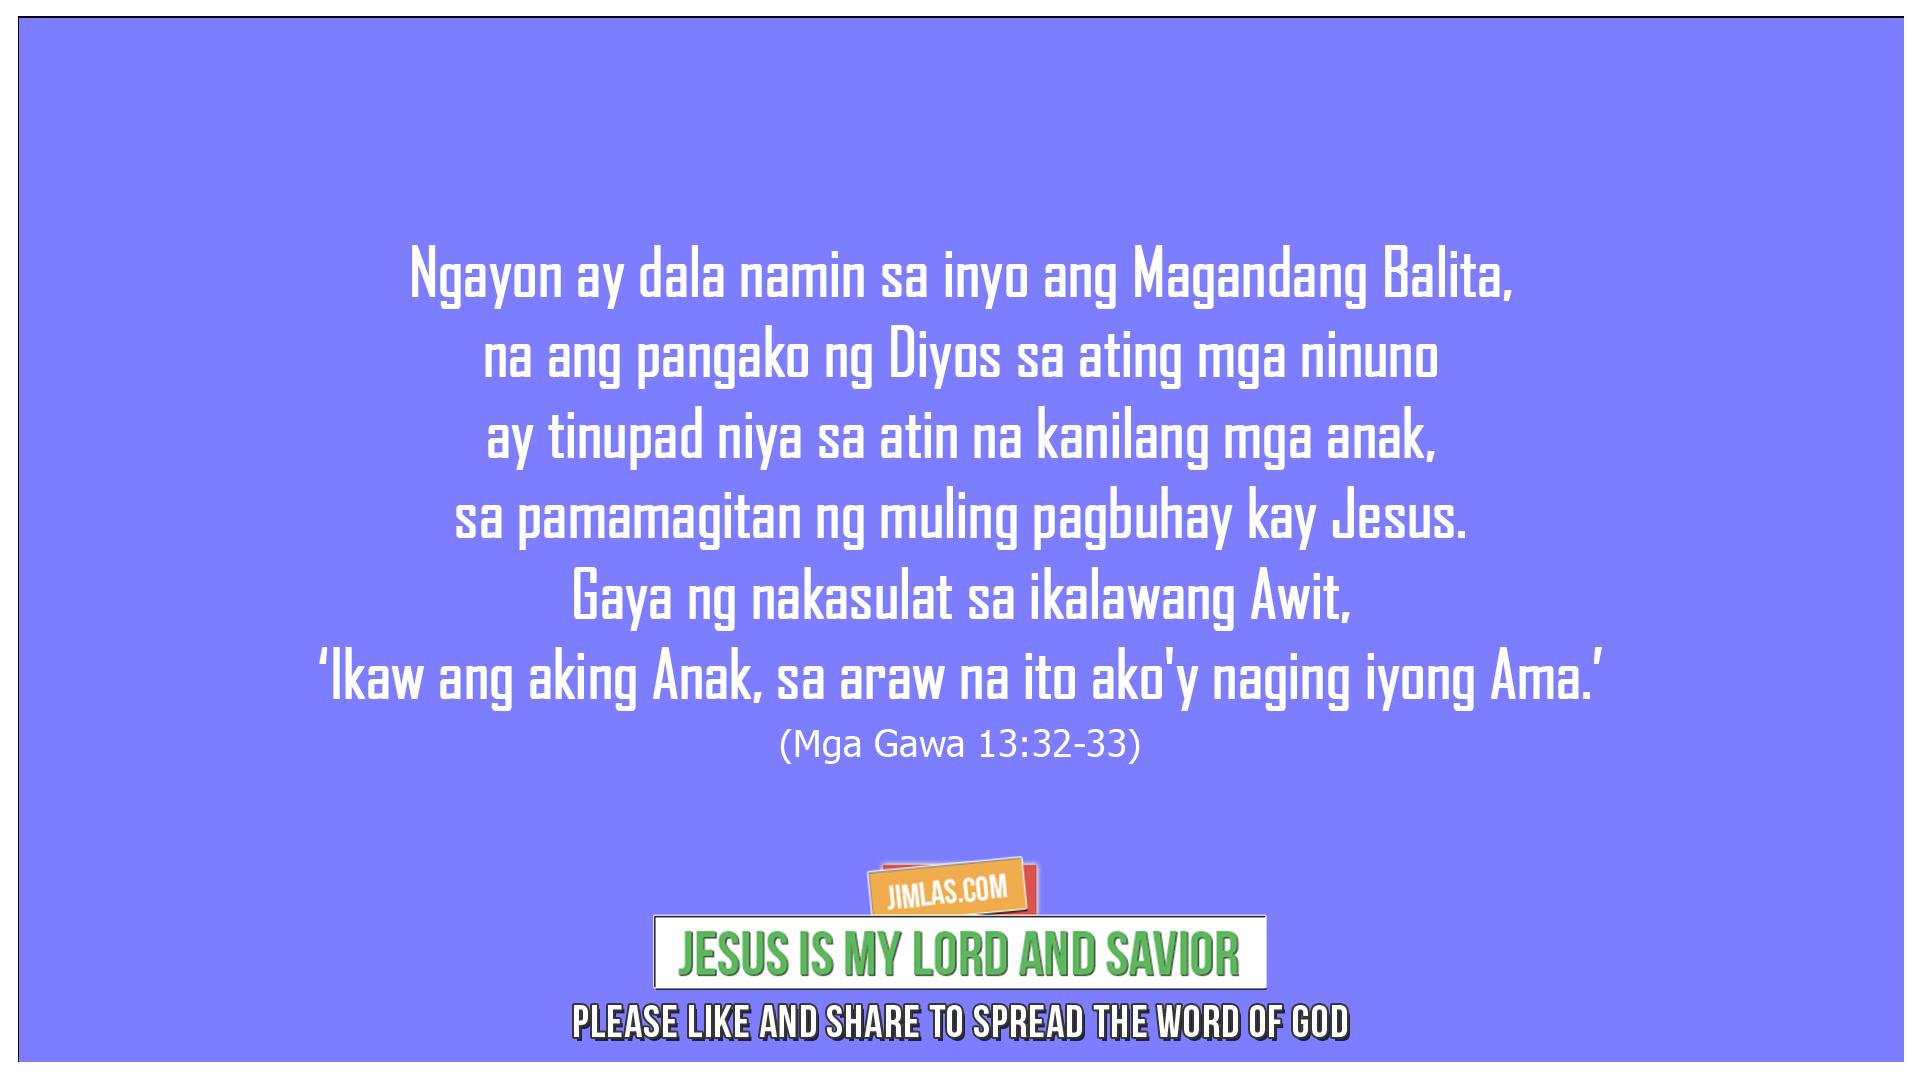 Mga Gawa 13:32-33, Mga Gawa 13:32-33